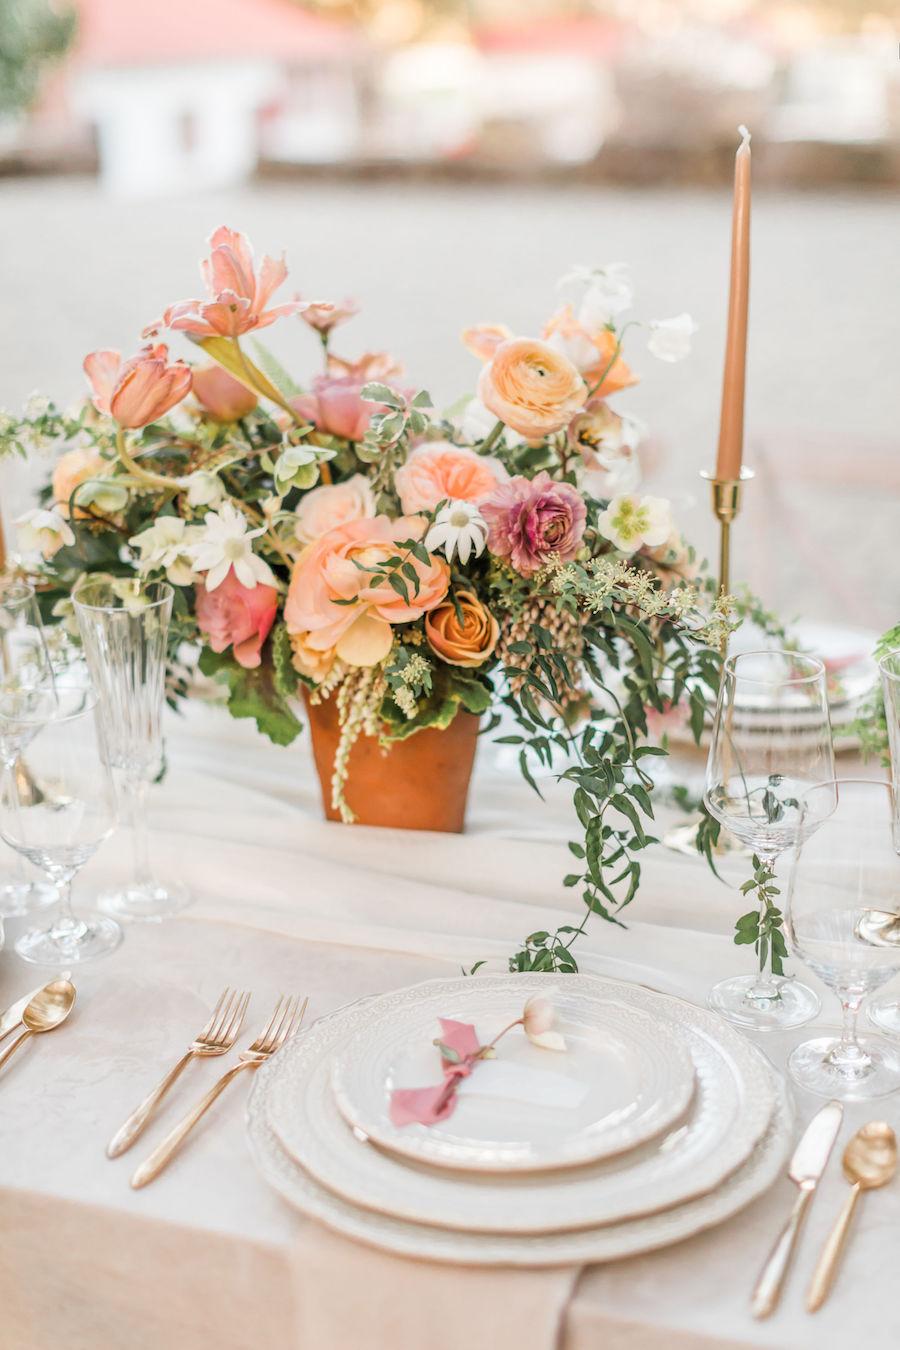 ethereal garden wedding, premiere, premiere party rents, premiere party rents products, rentals, los angeles rentals, ventura rentals, party rentals, wedding rentals